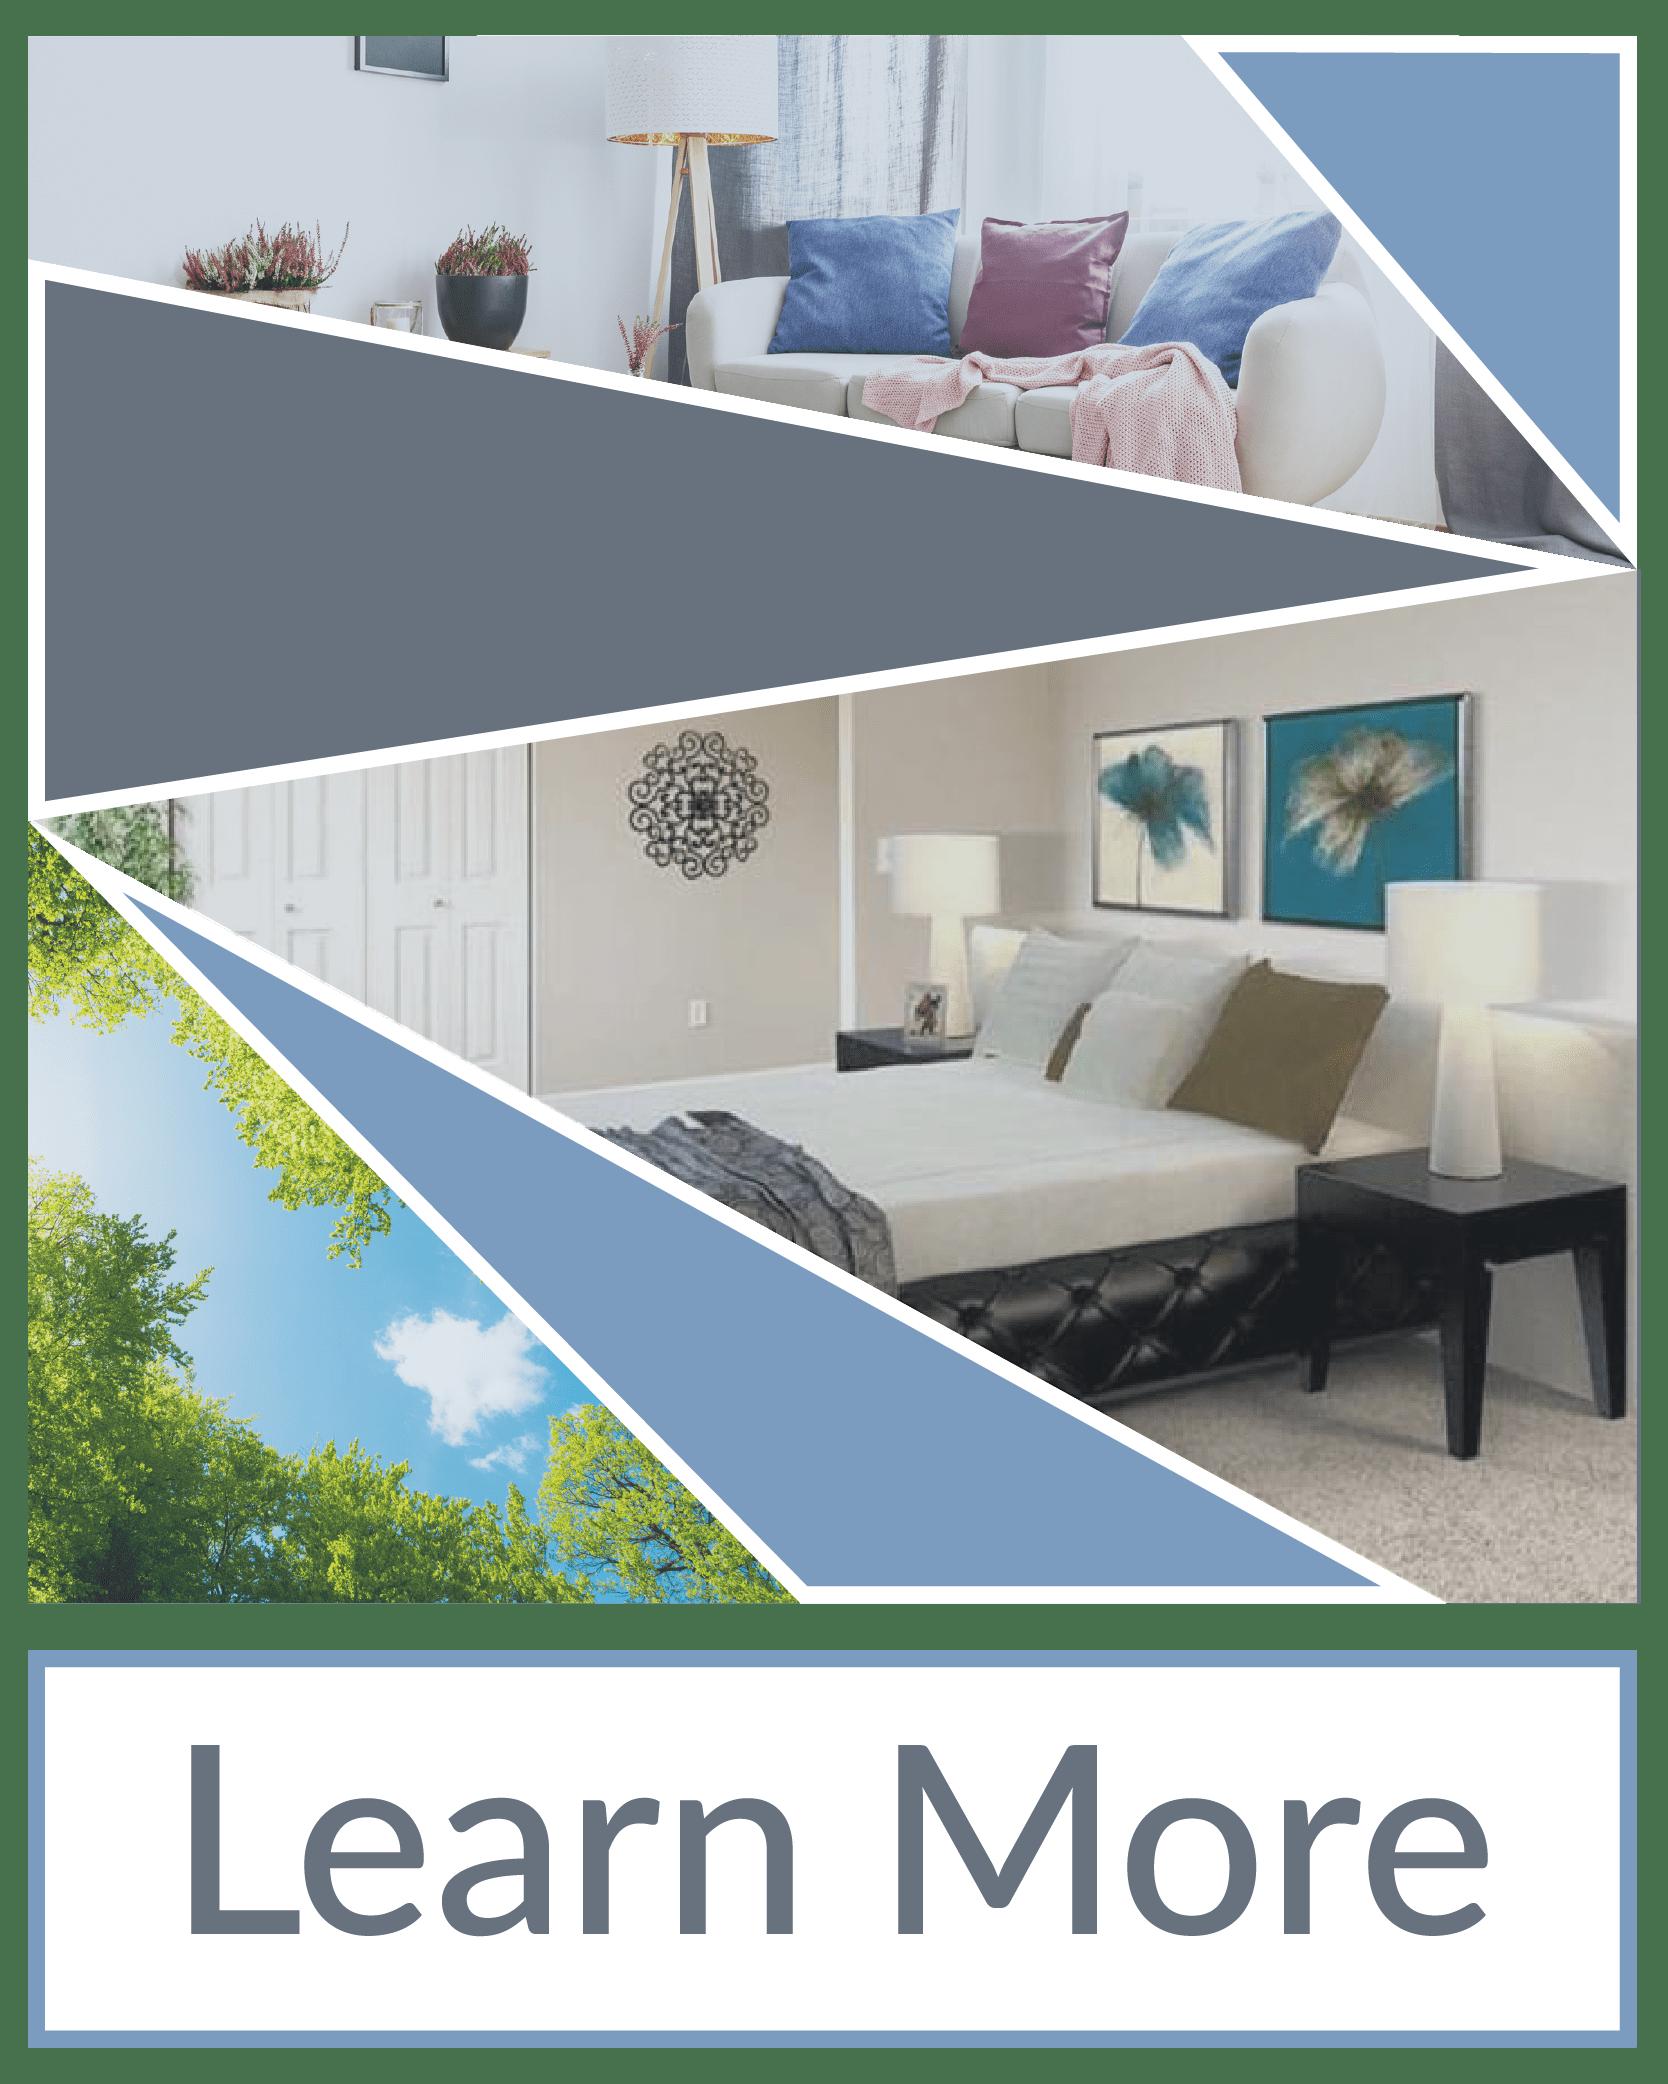 View Berkley Properties, LLC in Lakewood, New Jersey's properties for rent